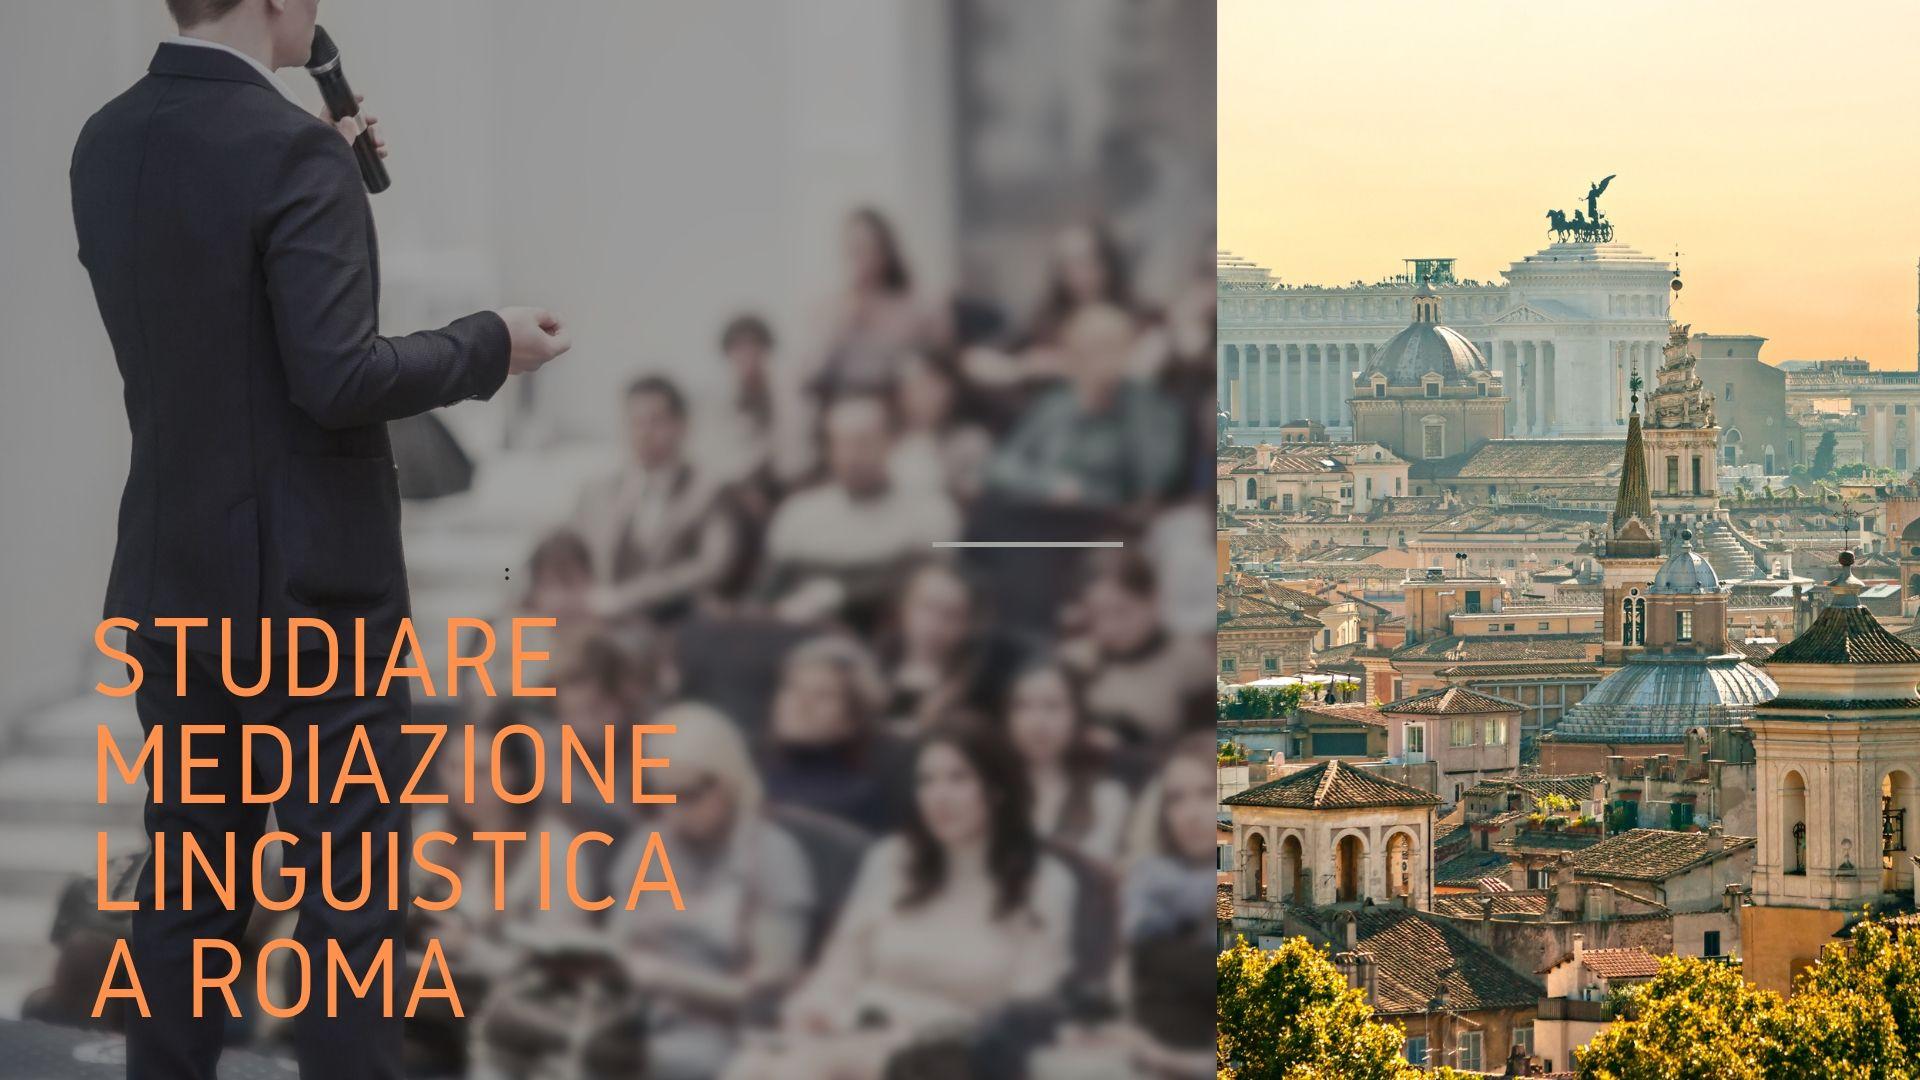 studiare mediazione linguistica a roma